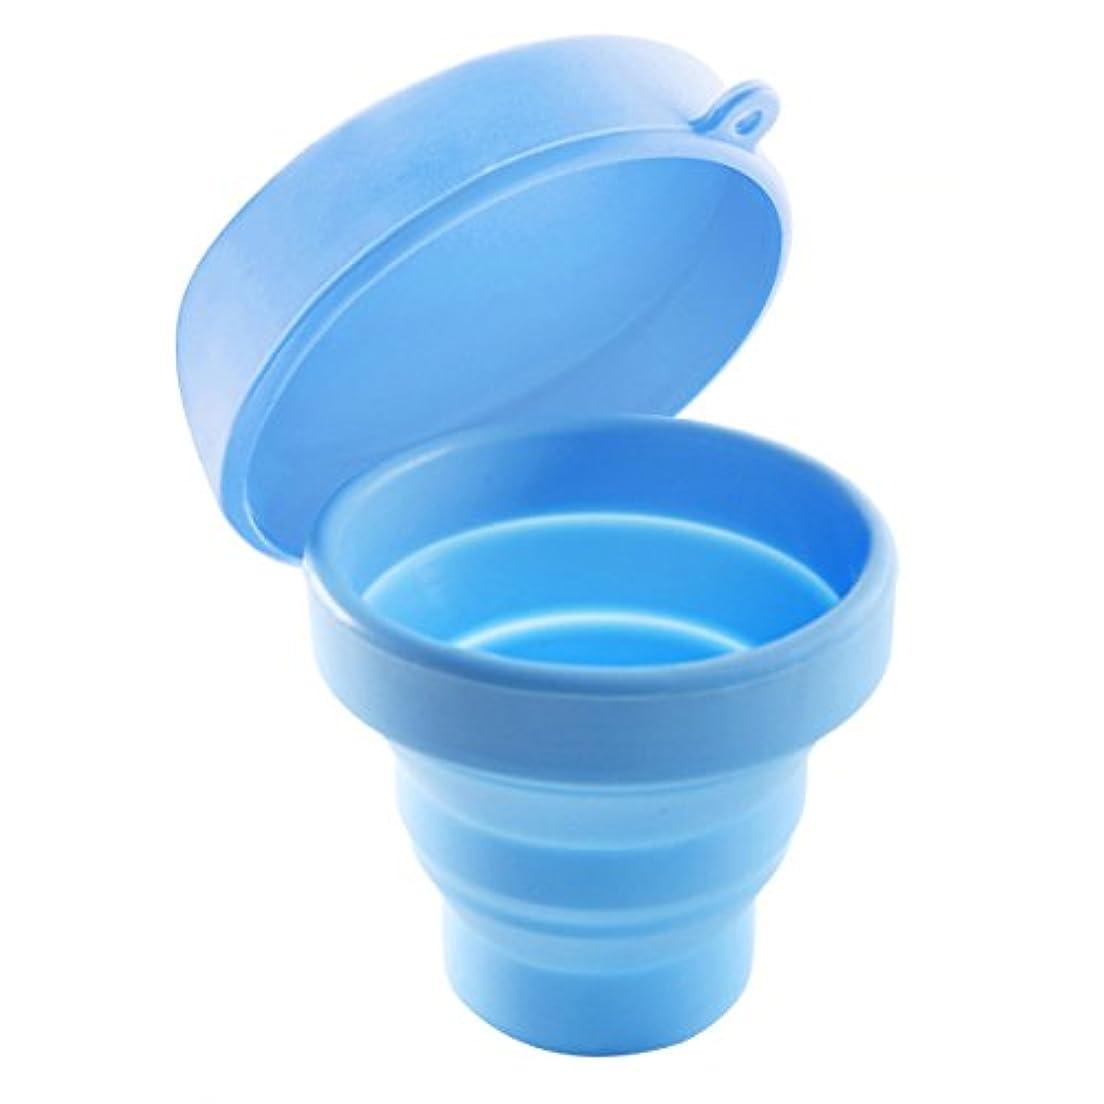 接続詞パズルそれによってROSENICE 折りたたみ式カップ(蓋付き)ポータブルポップアップカップ(キャンプ用)ピクニックハイキングアウトドアアクティビティ(ブルー)